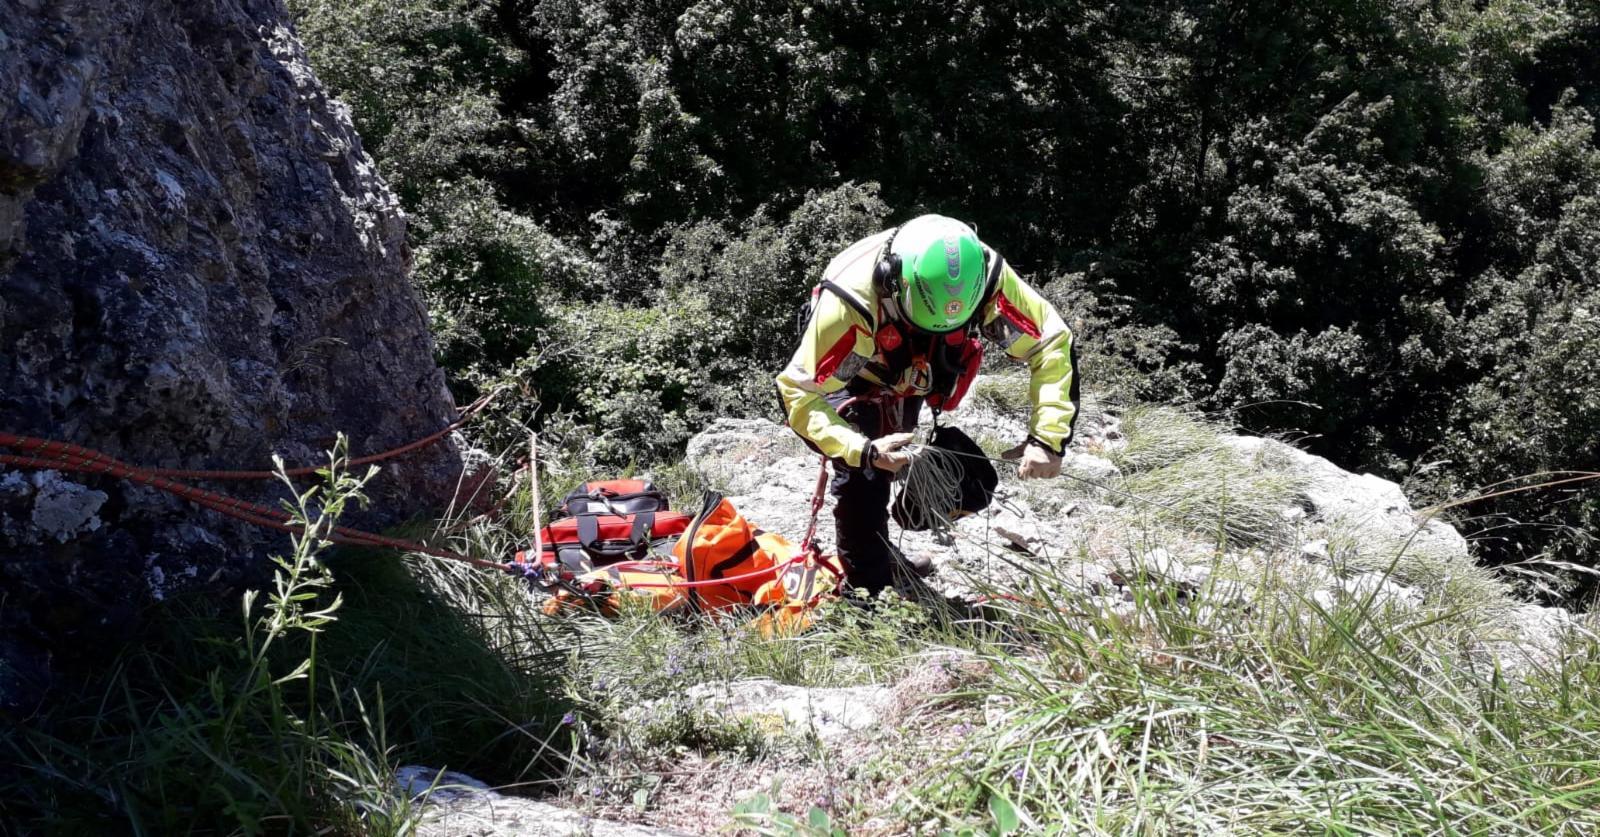 La Stazione Monte Falterona del Soccorso Alpino Toscano è intervenuta Rocchino di Cavrenno per soccorrere un'alpinista caduta durante la salita della parete.